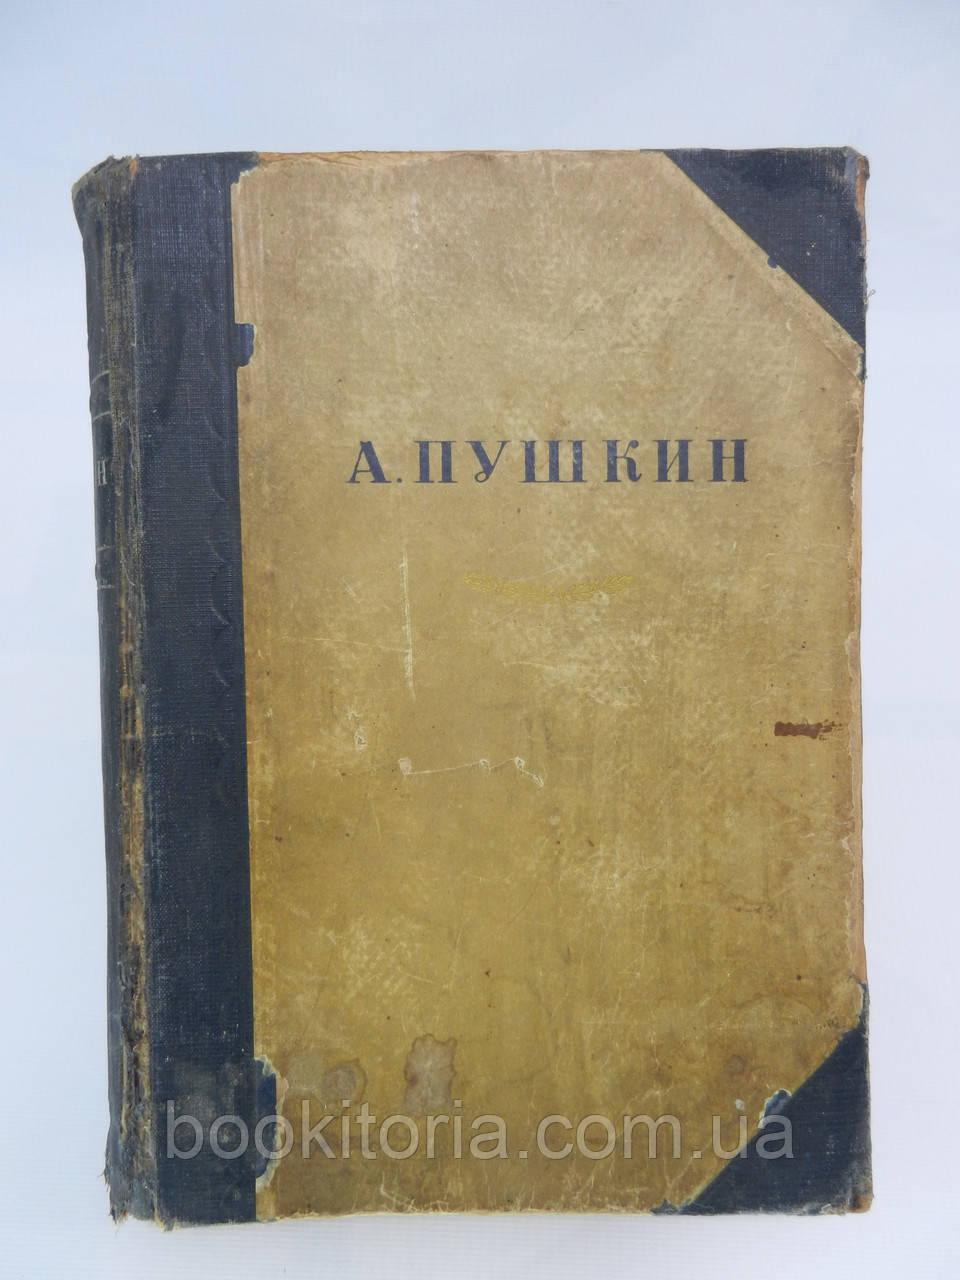 Пушкин А. Сочинения (б/у).